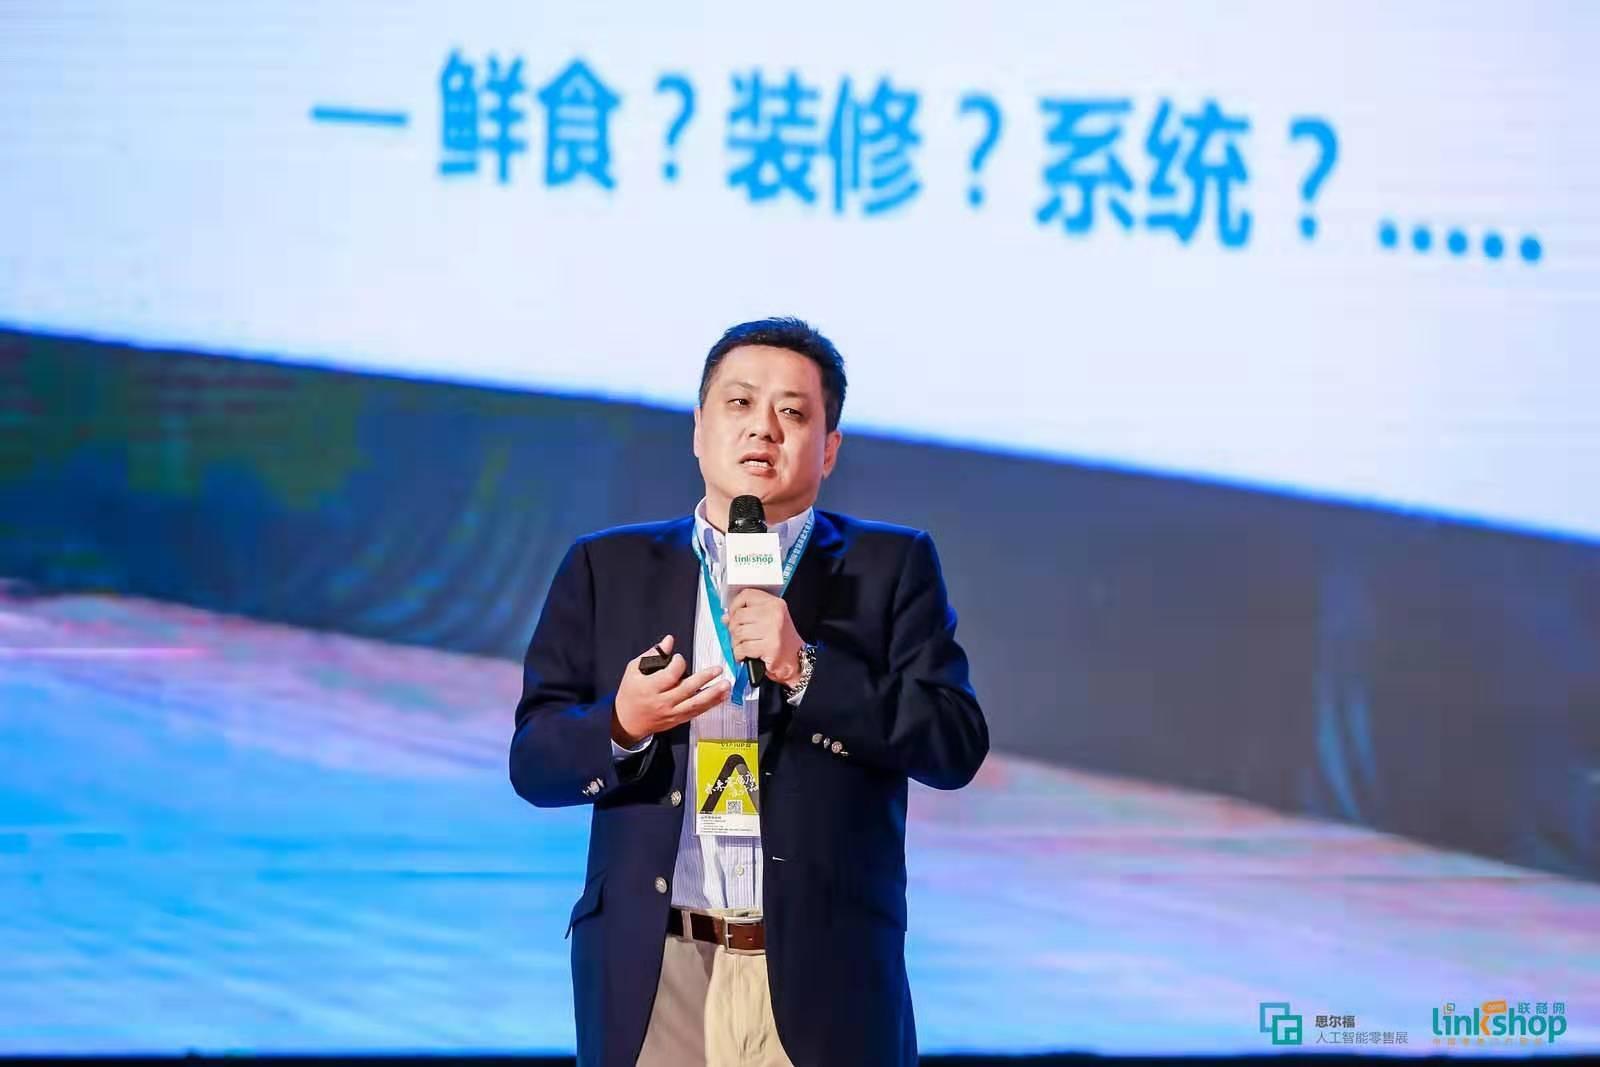 罗森中国董事副总裁张晟:中国本土便利店只要认真做,也会有很大的未来